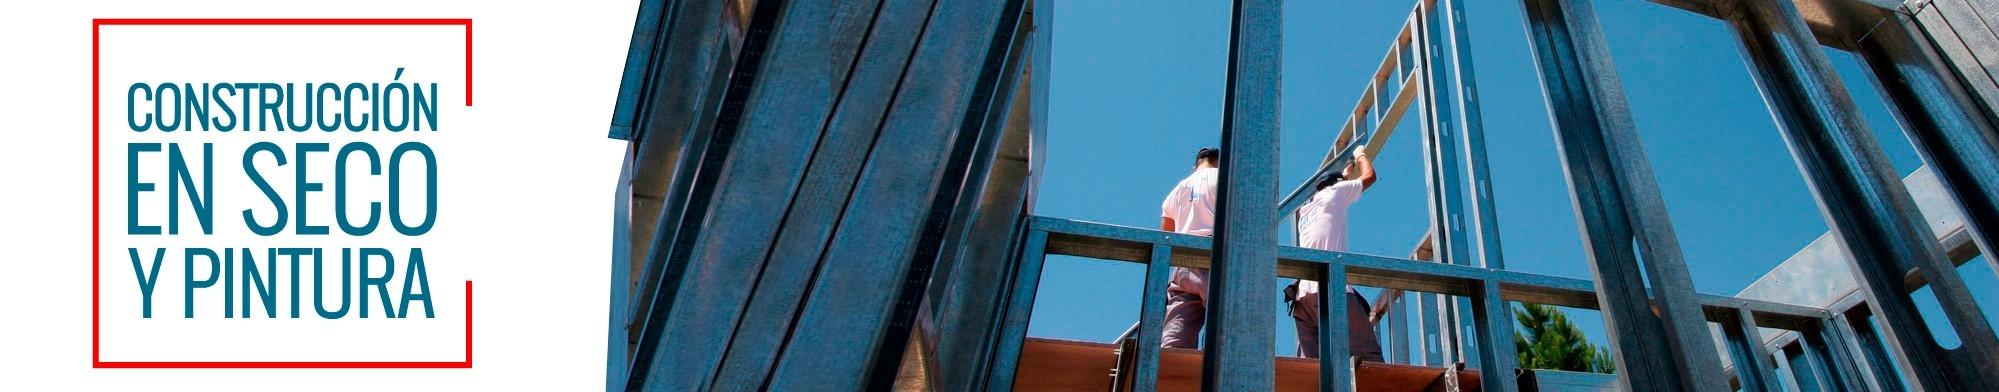 Angel E Acosta Construcciones en Seco